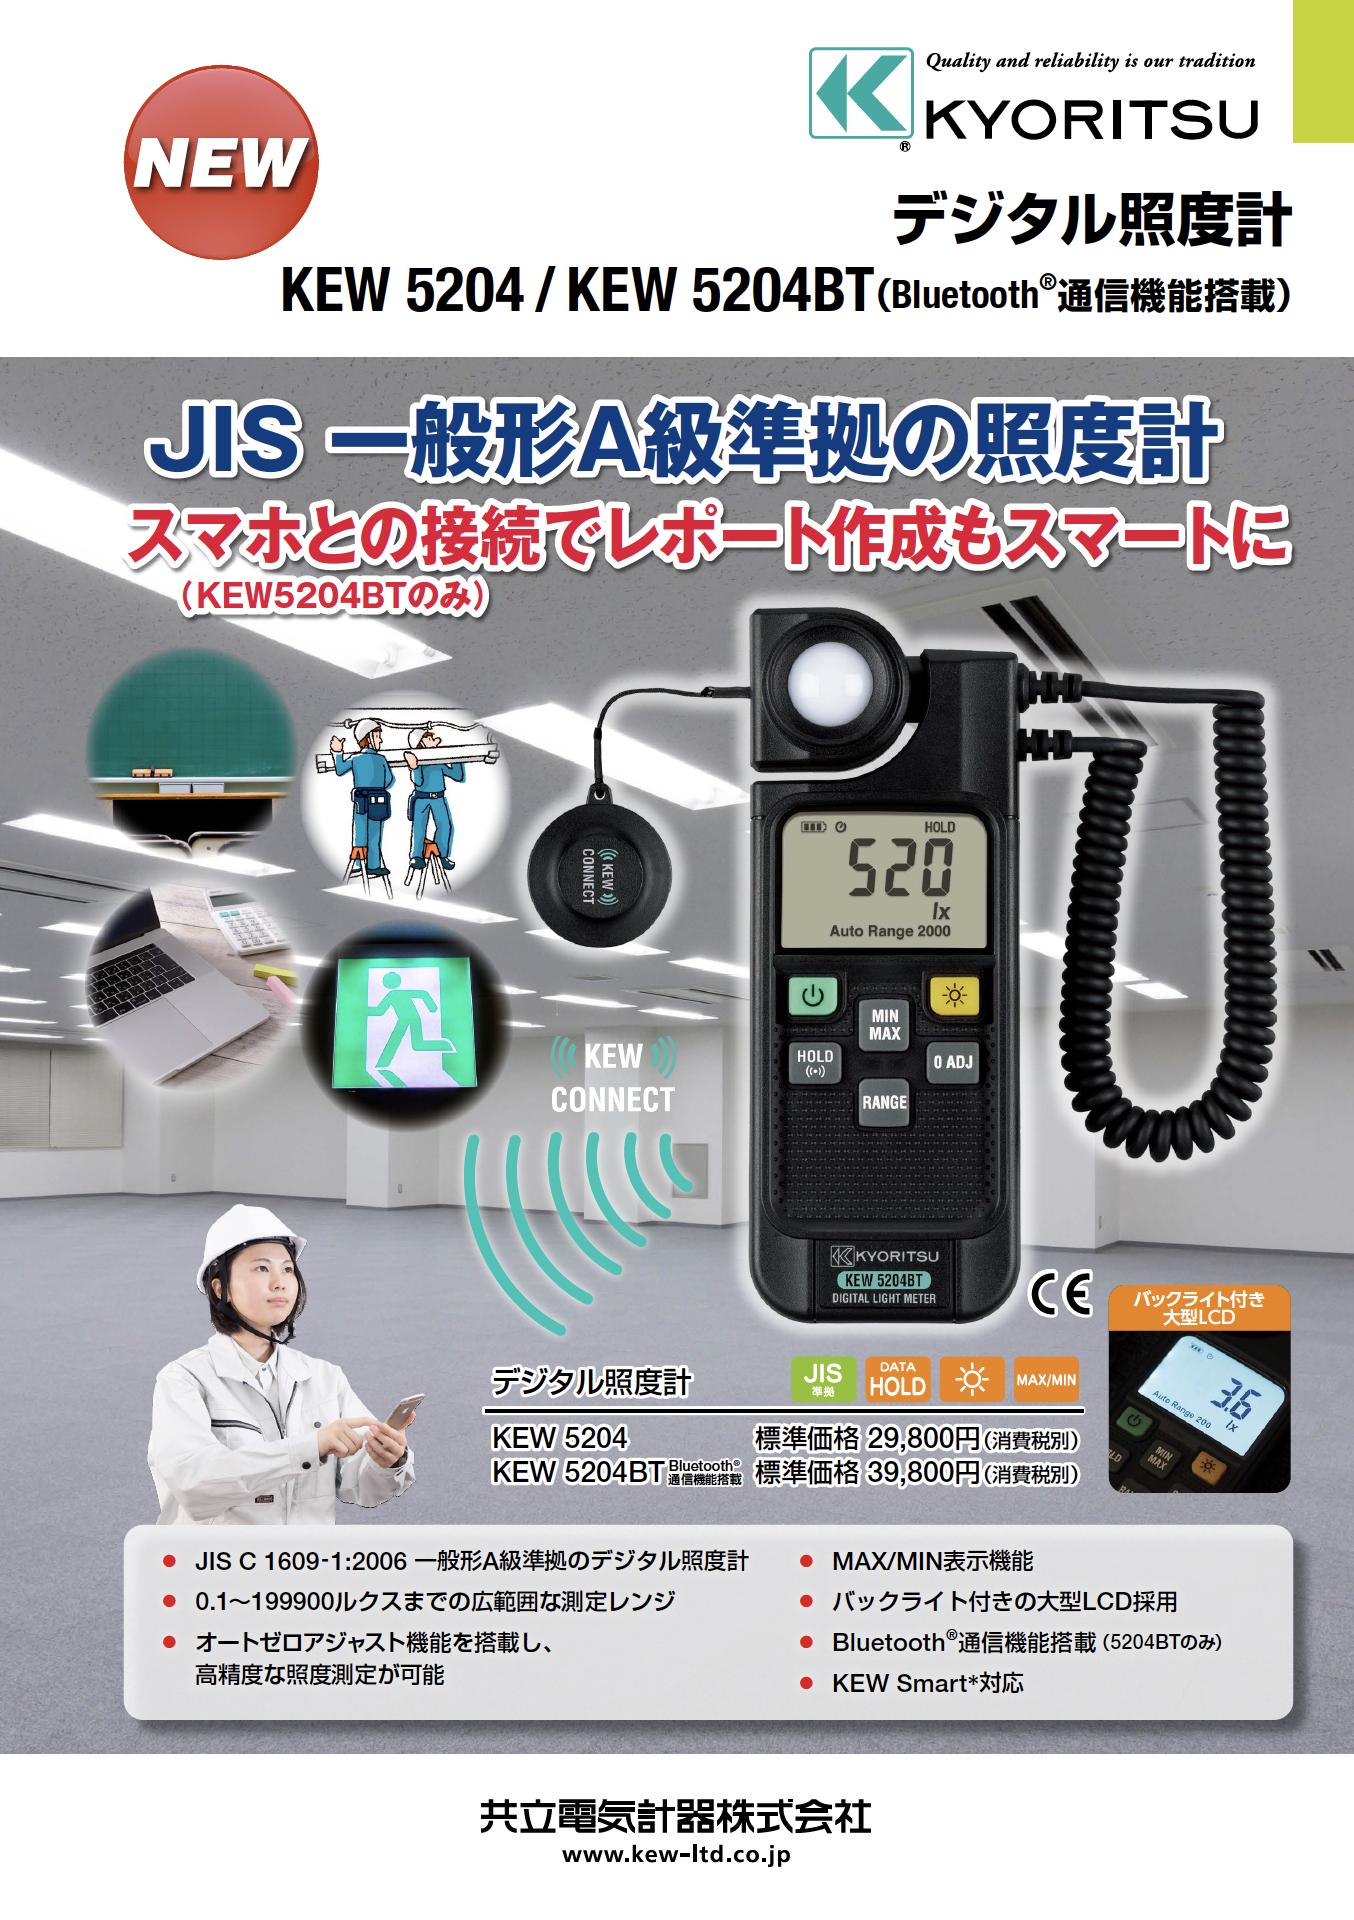 【共立電気計器】JIS一般形A級準拠の照度計『デジタル照度計 KEW 5204 / KEW 5204BT(Bluetooth®通信機能搭載)』の画像